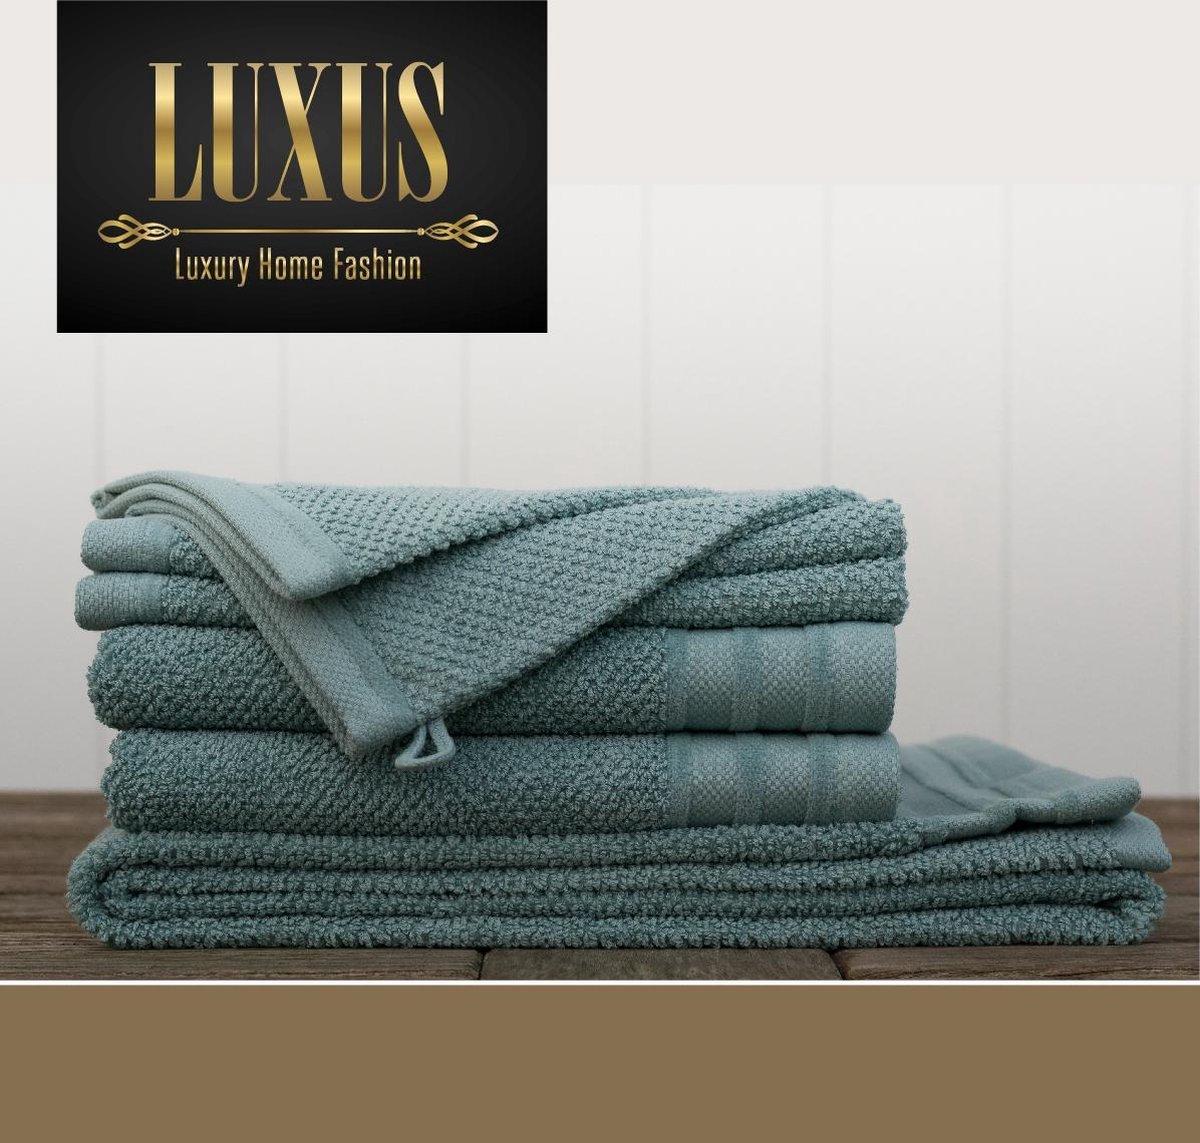 Handdoekenset 7 stuks Groen  - 2 ruime washandjes 16x 21 cm - 2 gasten- of gezichtsdoekjes 30 x 50 cm - 2 handdoeken 50 x 100 cm - 1 badlaken 70 x 140 cm - LUXUS